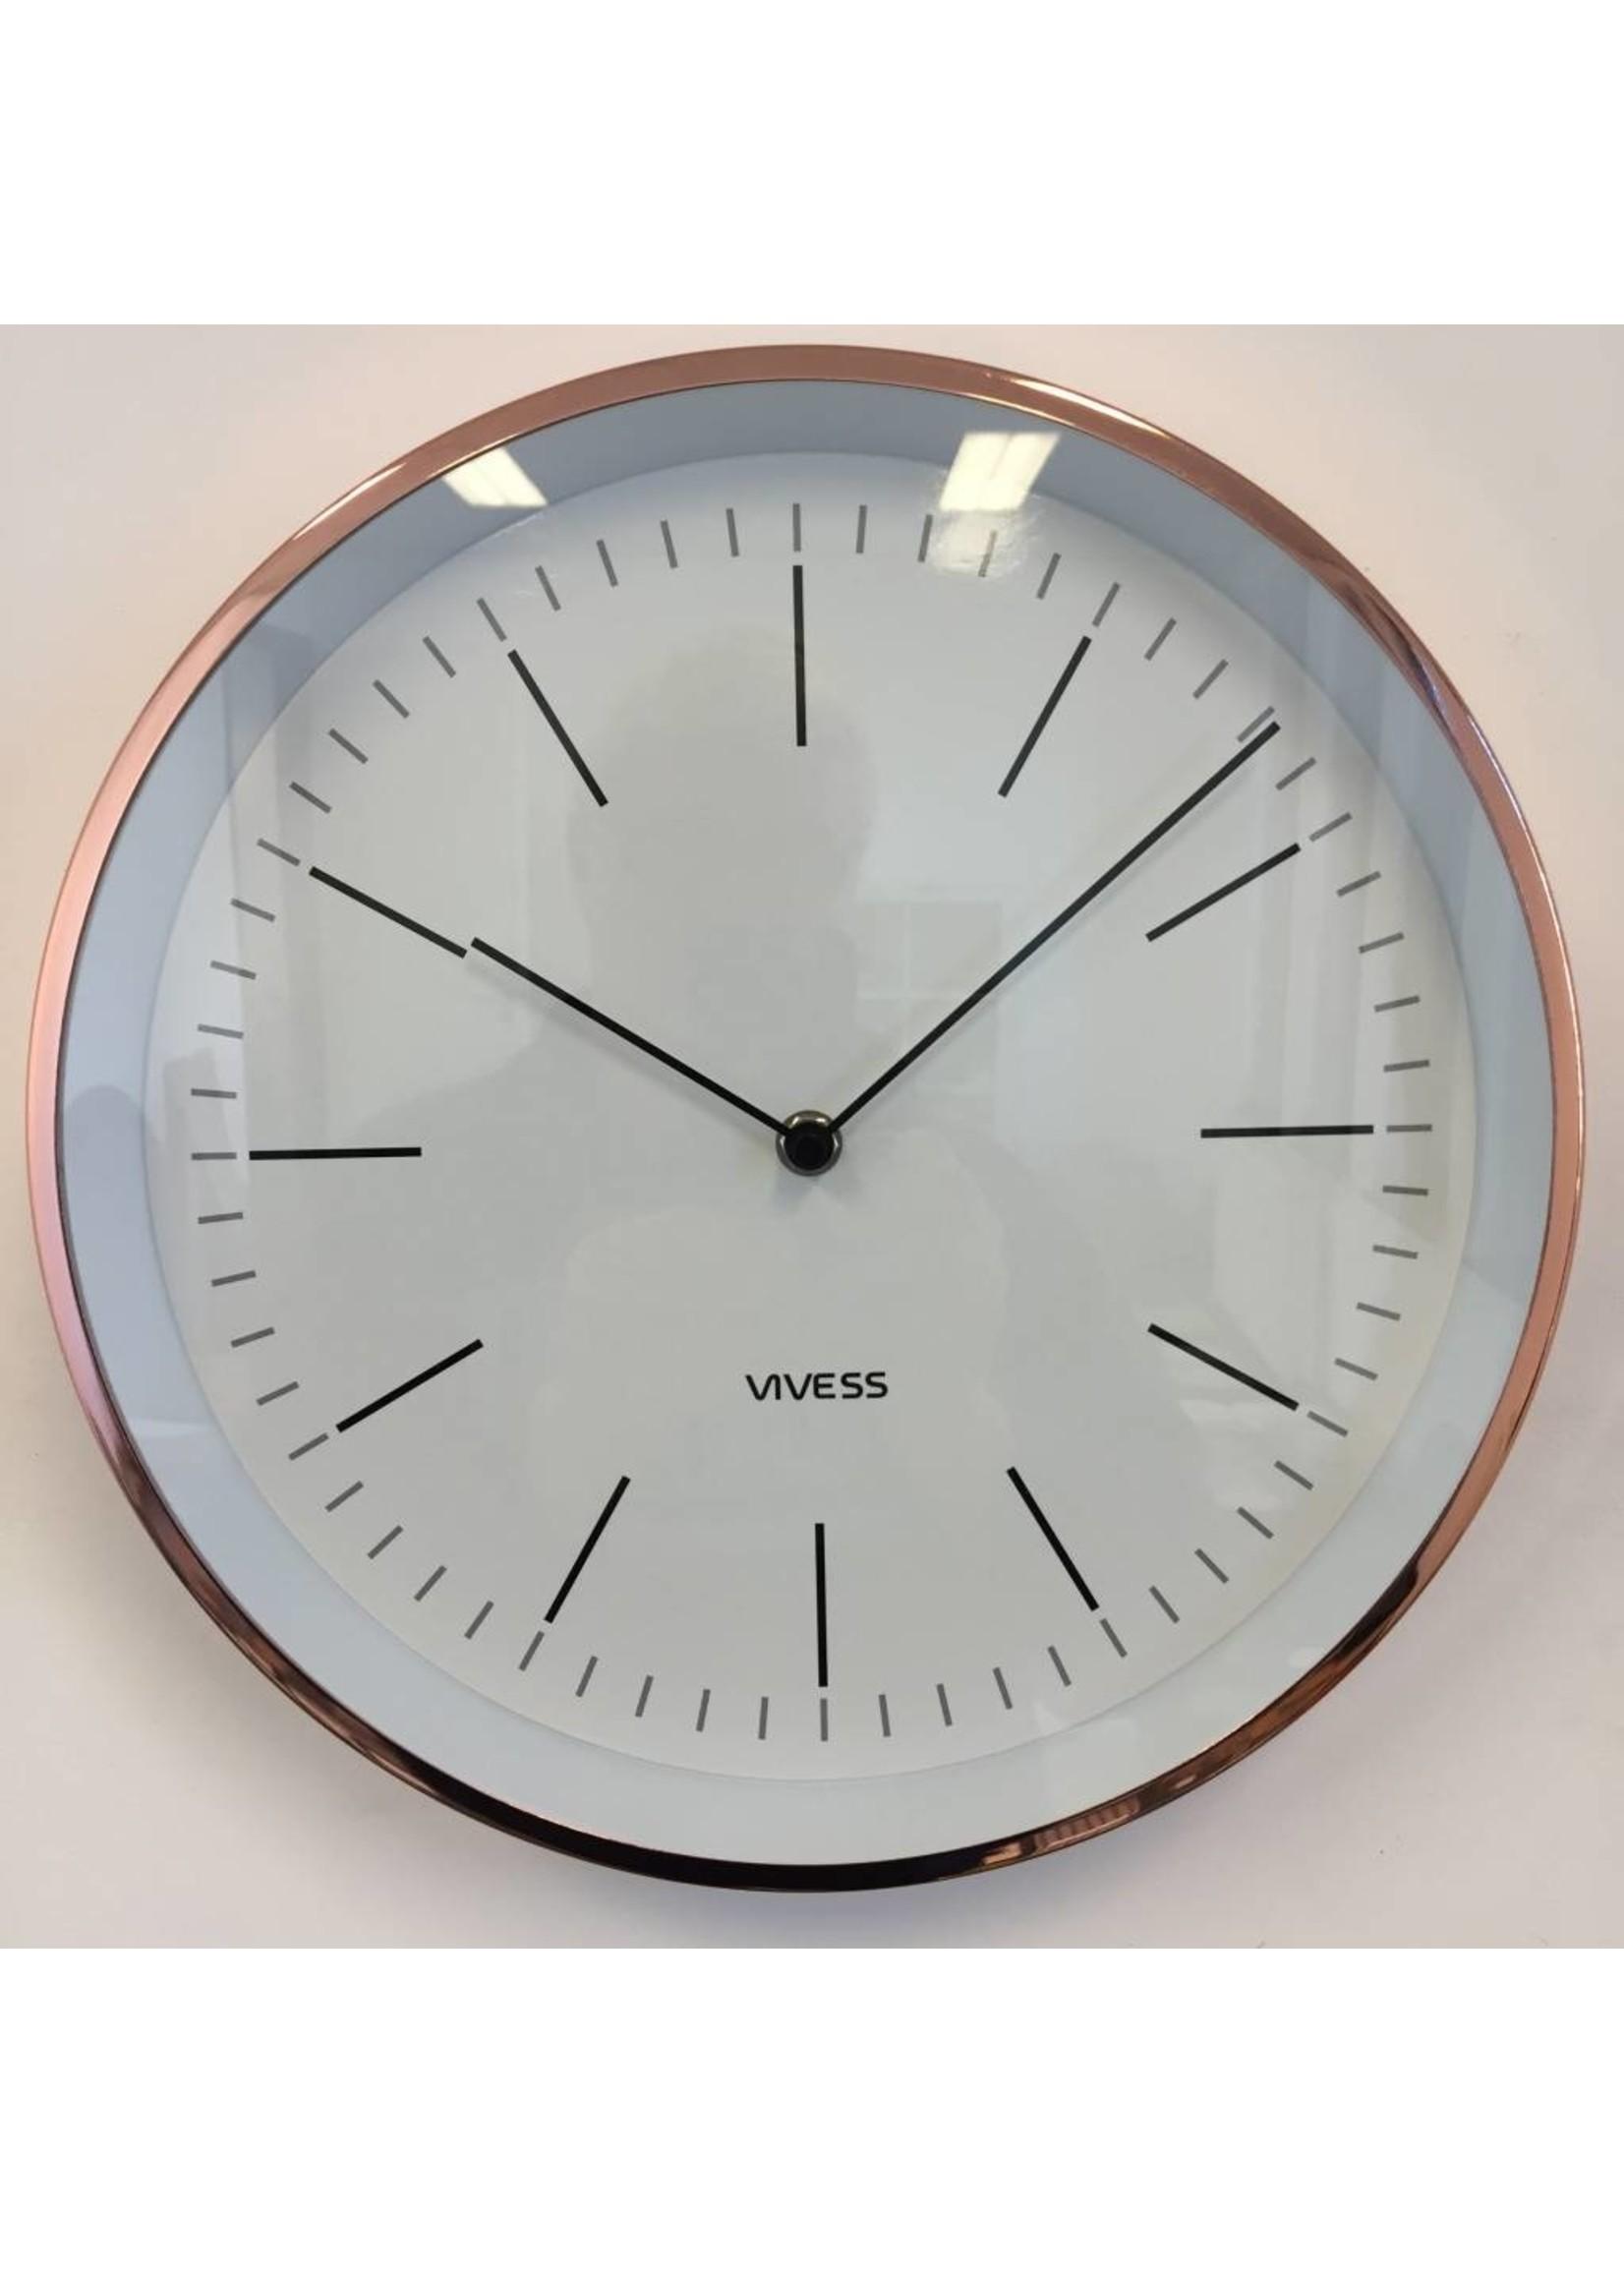 NiceTime Wandklok Vivess modern style White